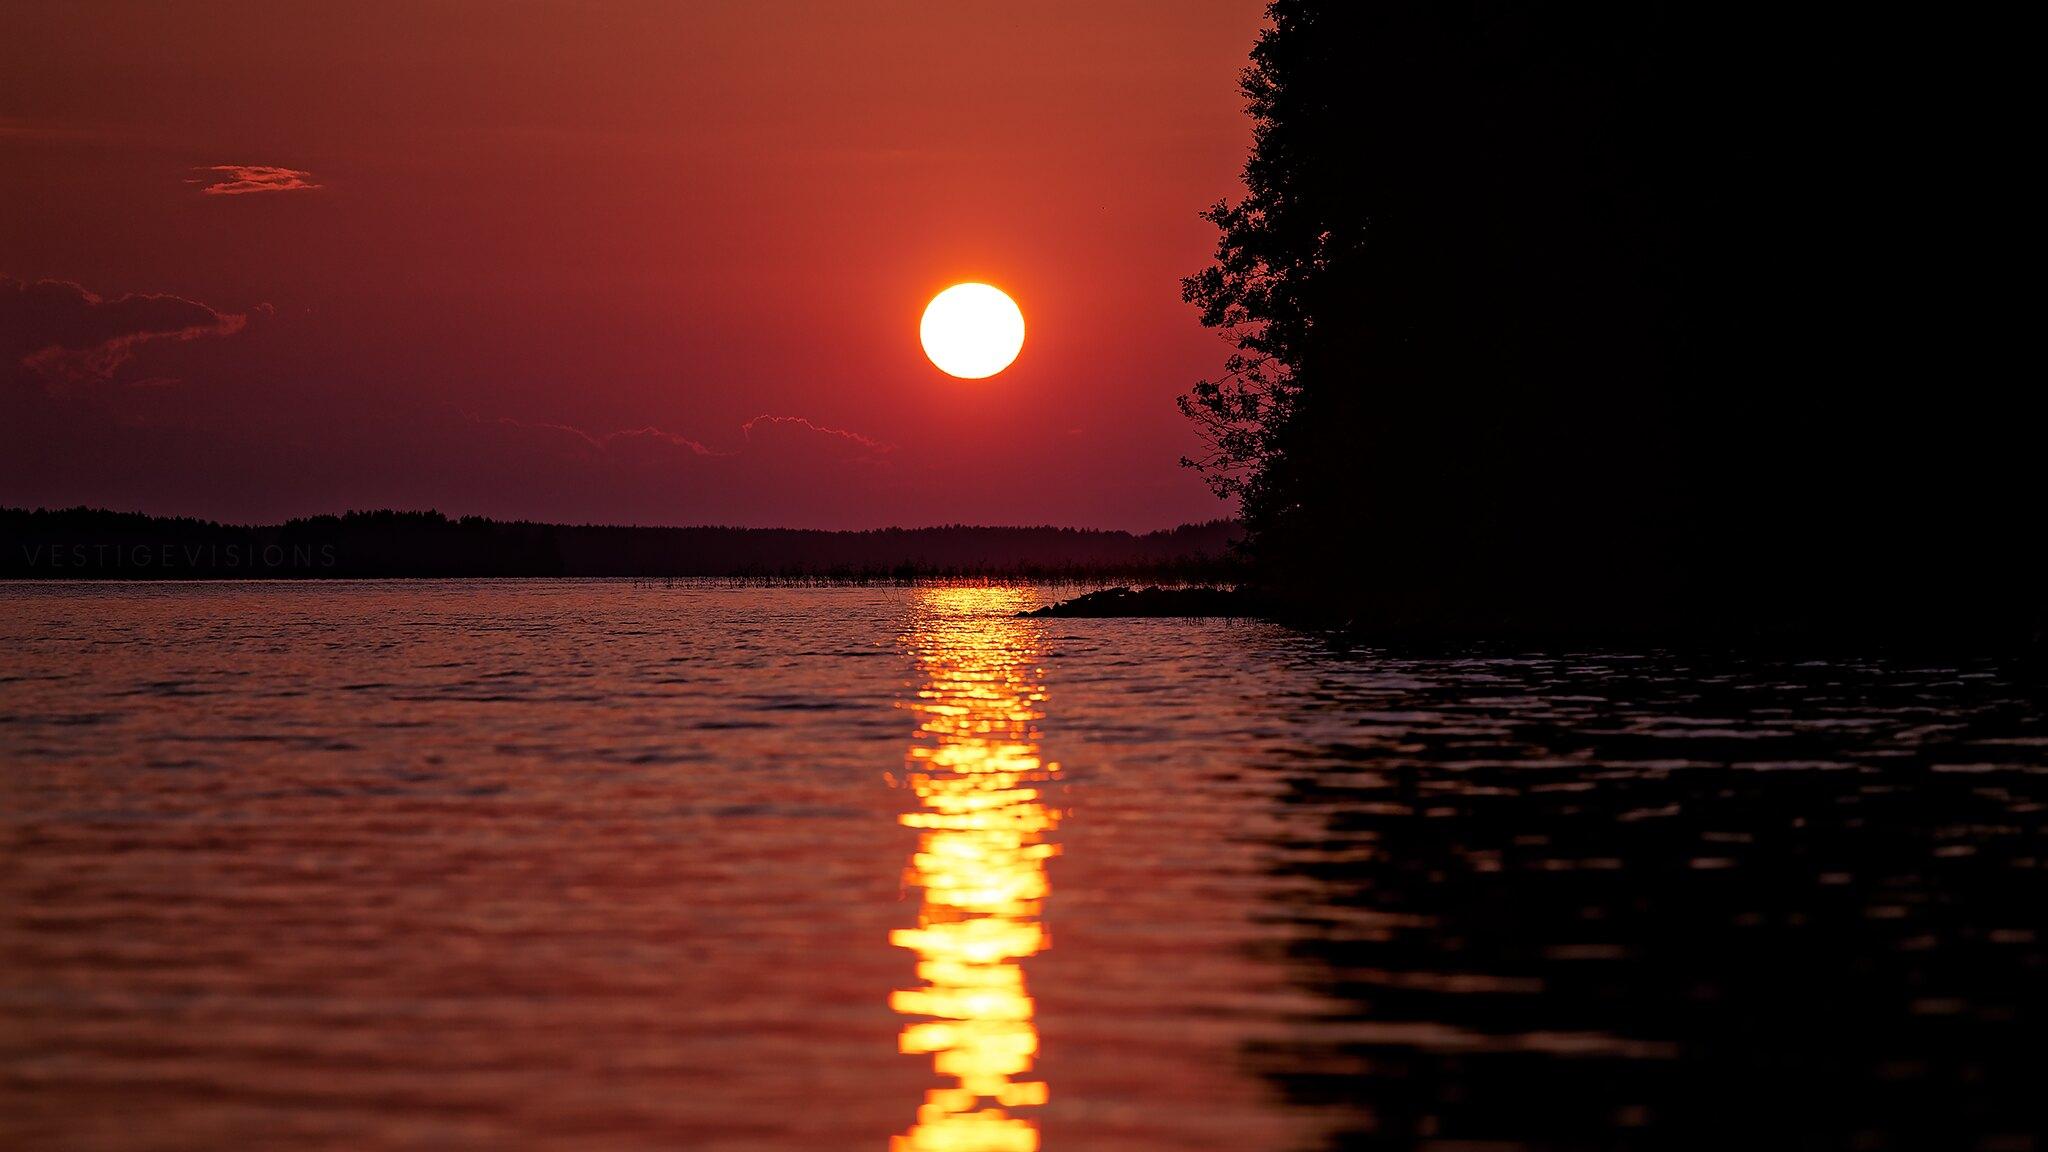 landscape sunset over lake